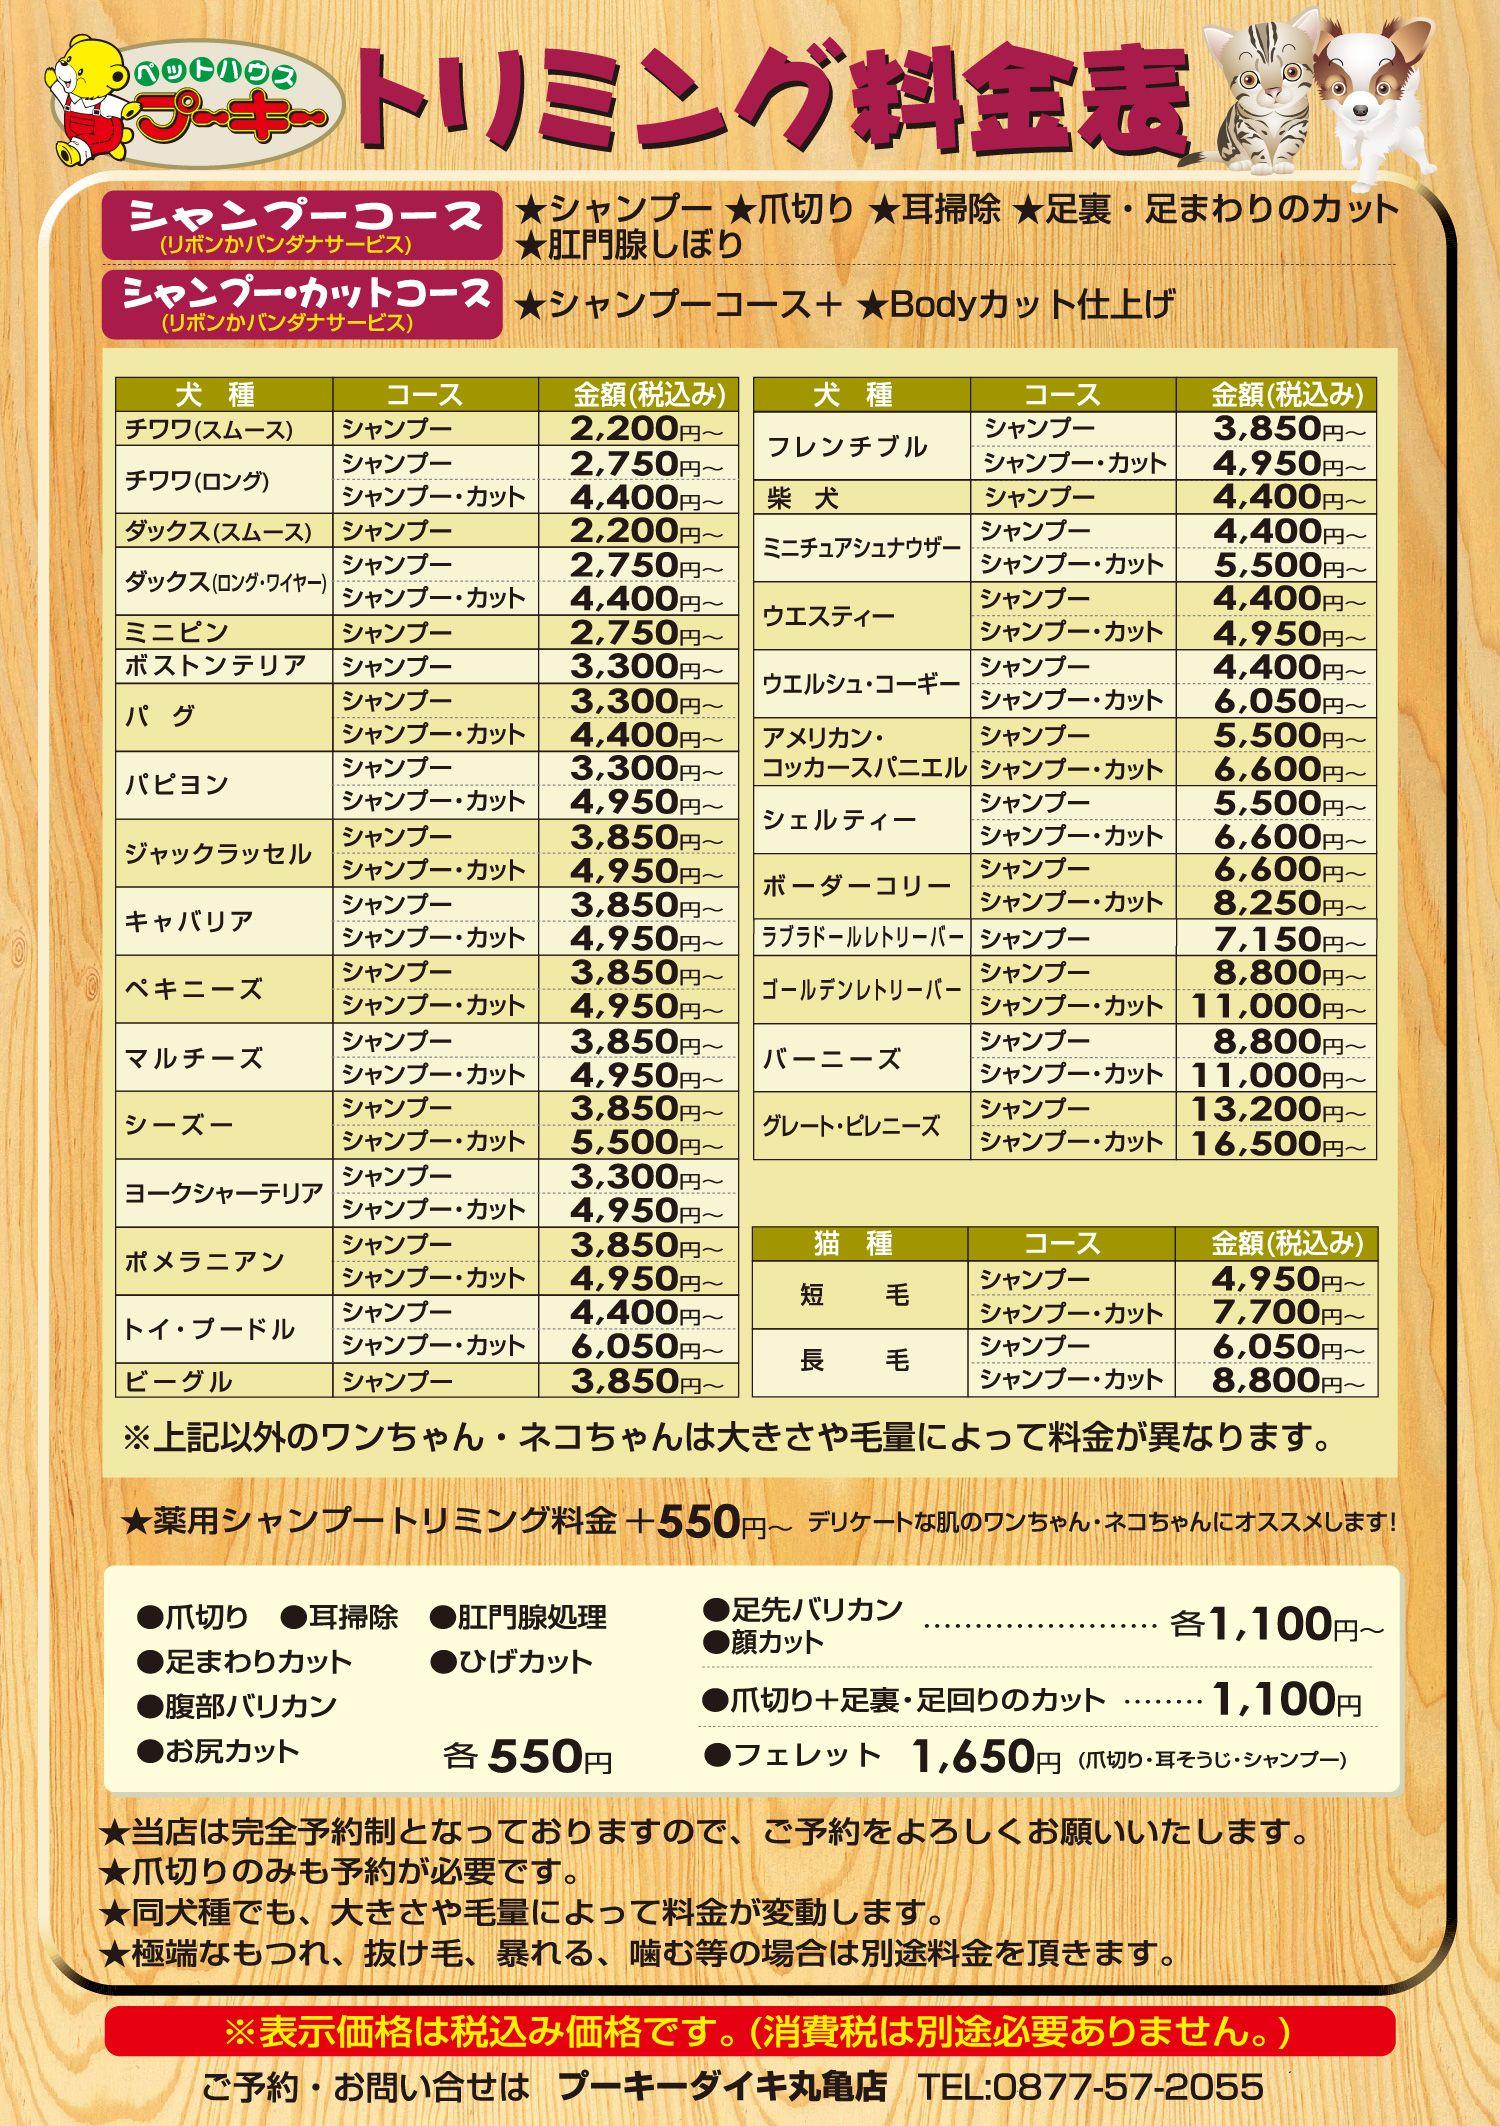 サービス内容 香川 愛知のペットハウス Pooky プーキー 香川 愛知 ペット